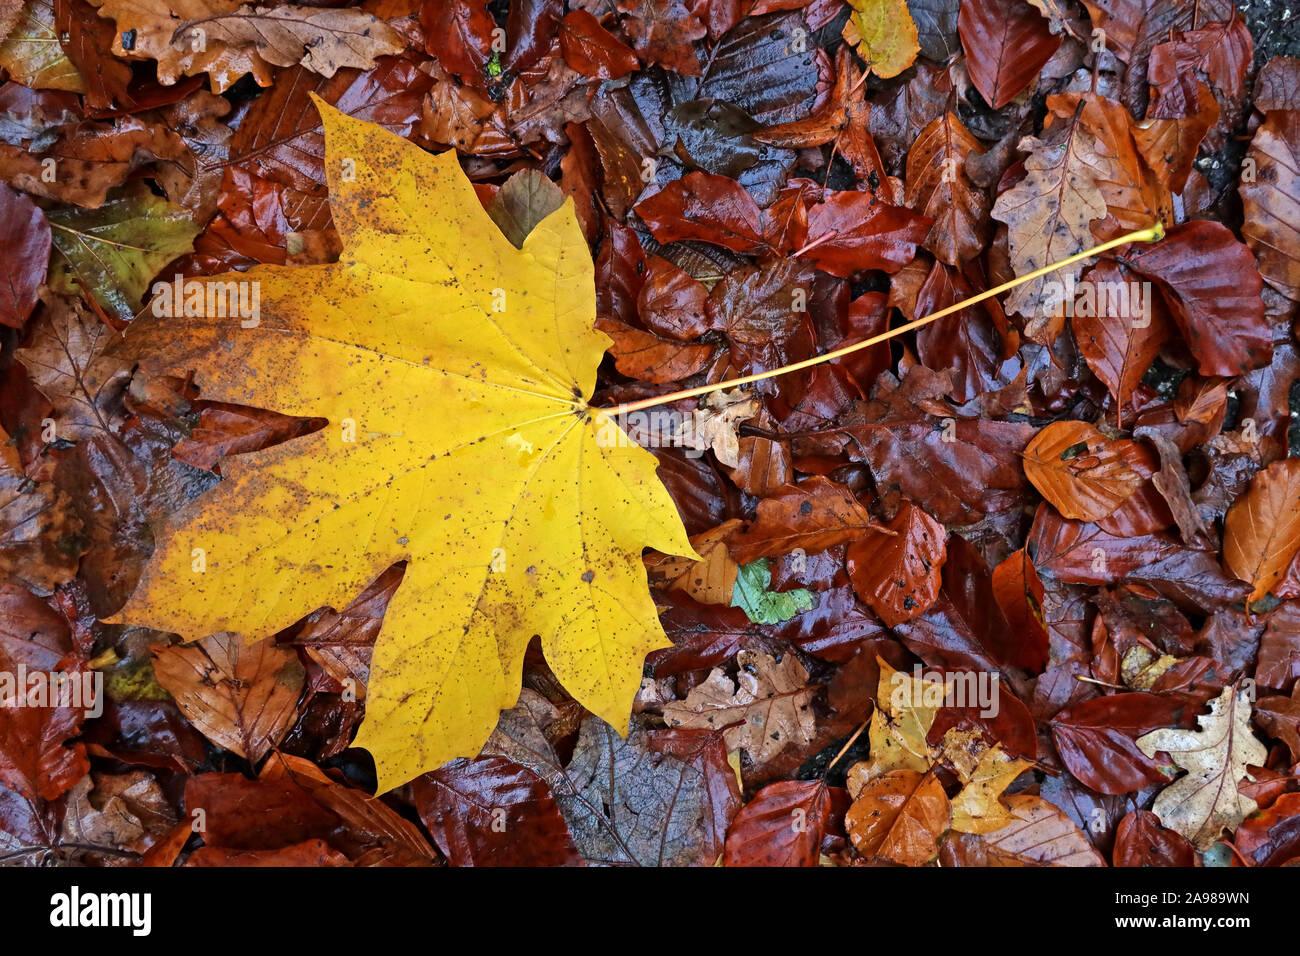 HotpixUK,@HotpixUK,GoTonySmith,Cheshire,England,Warrington,UK,leaves on leaves,Sycamore Leaves,fall